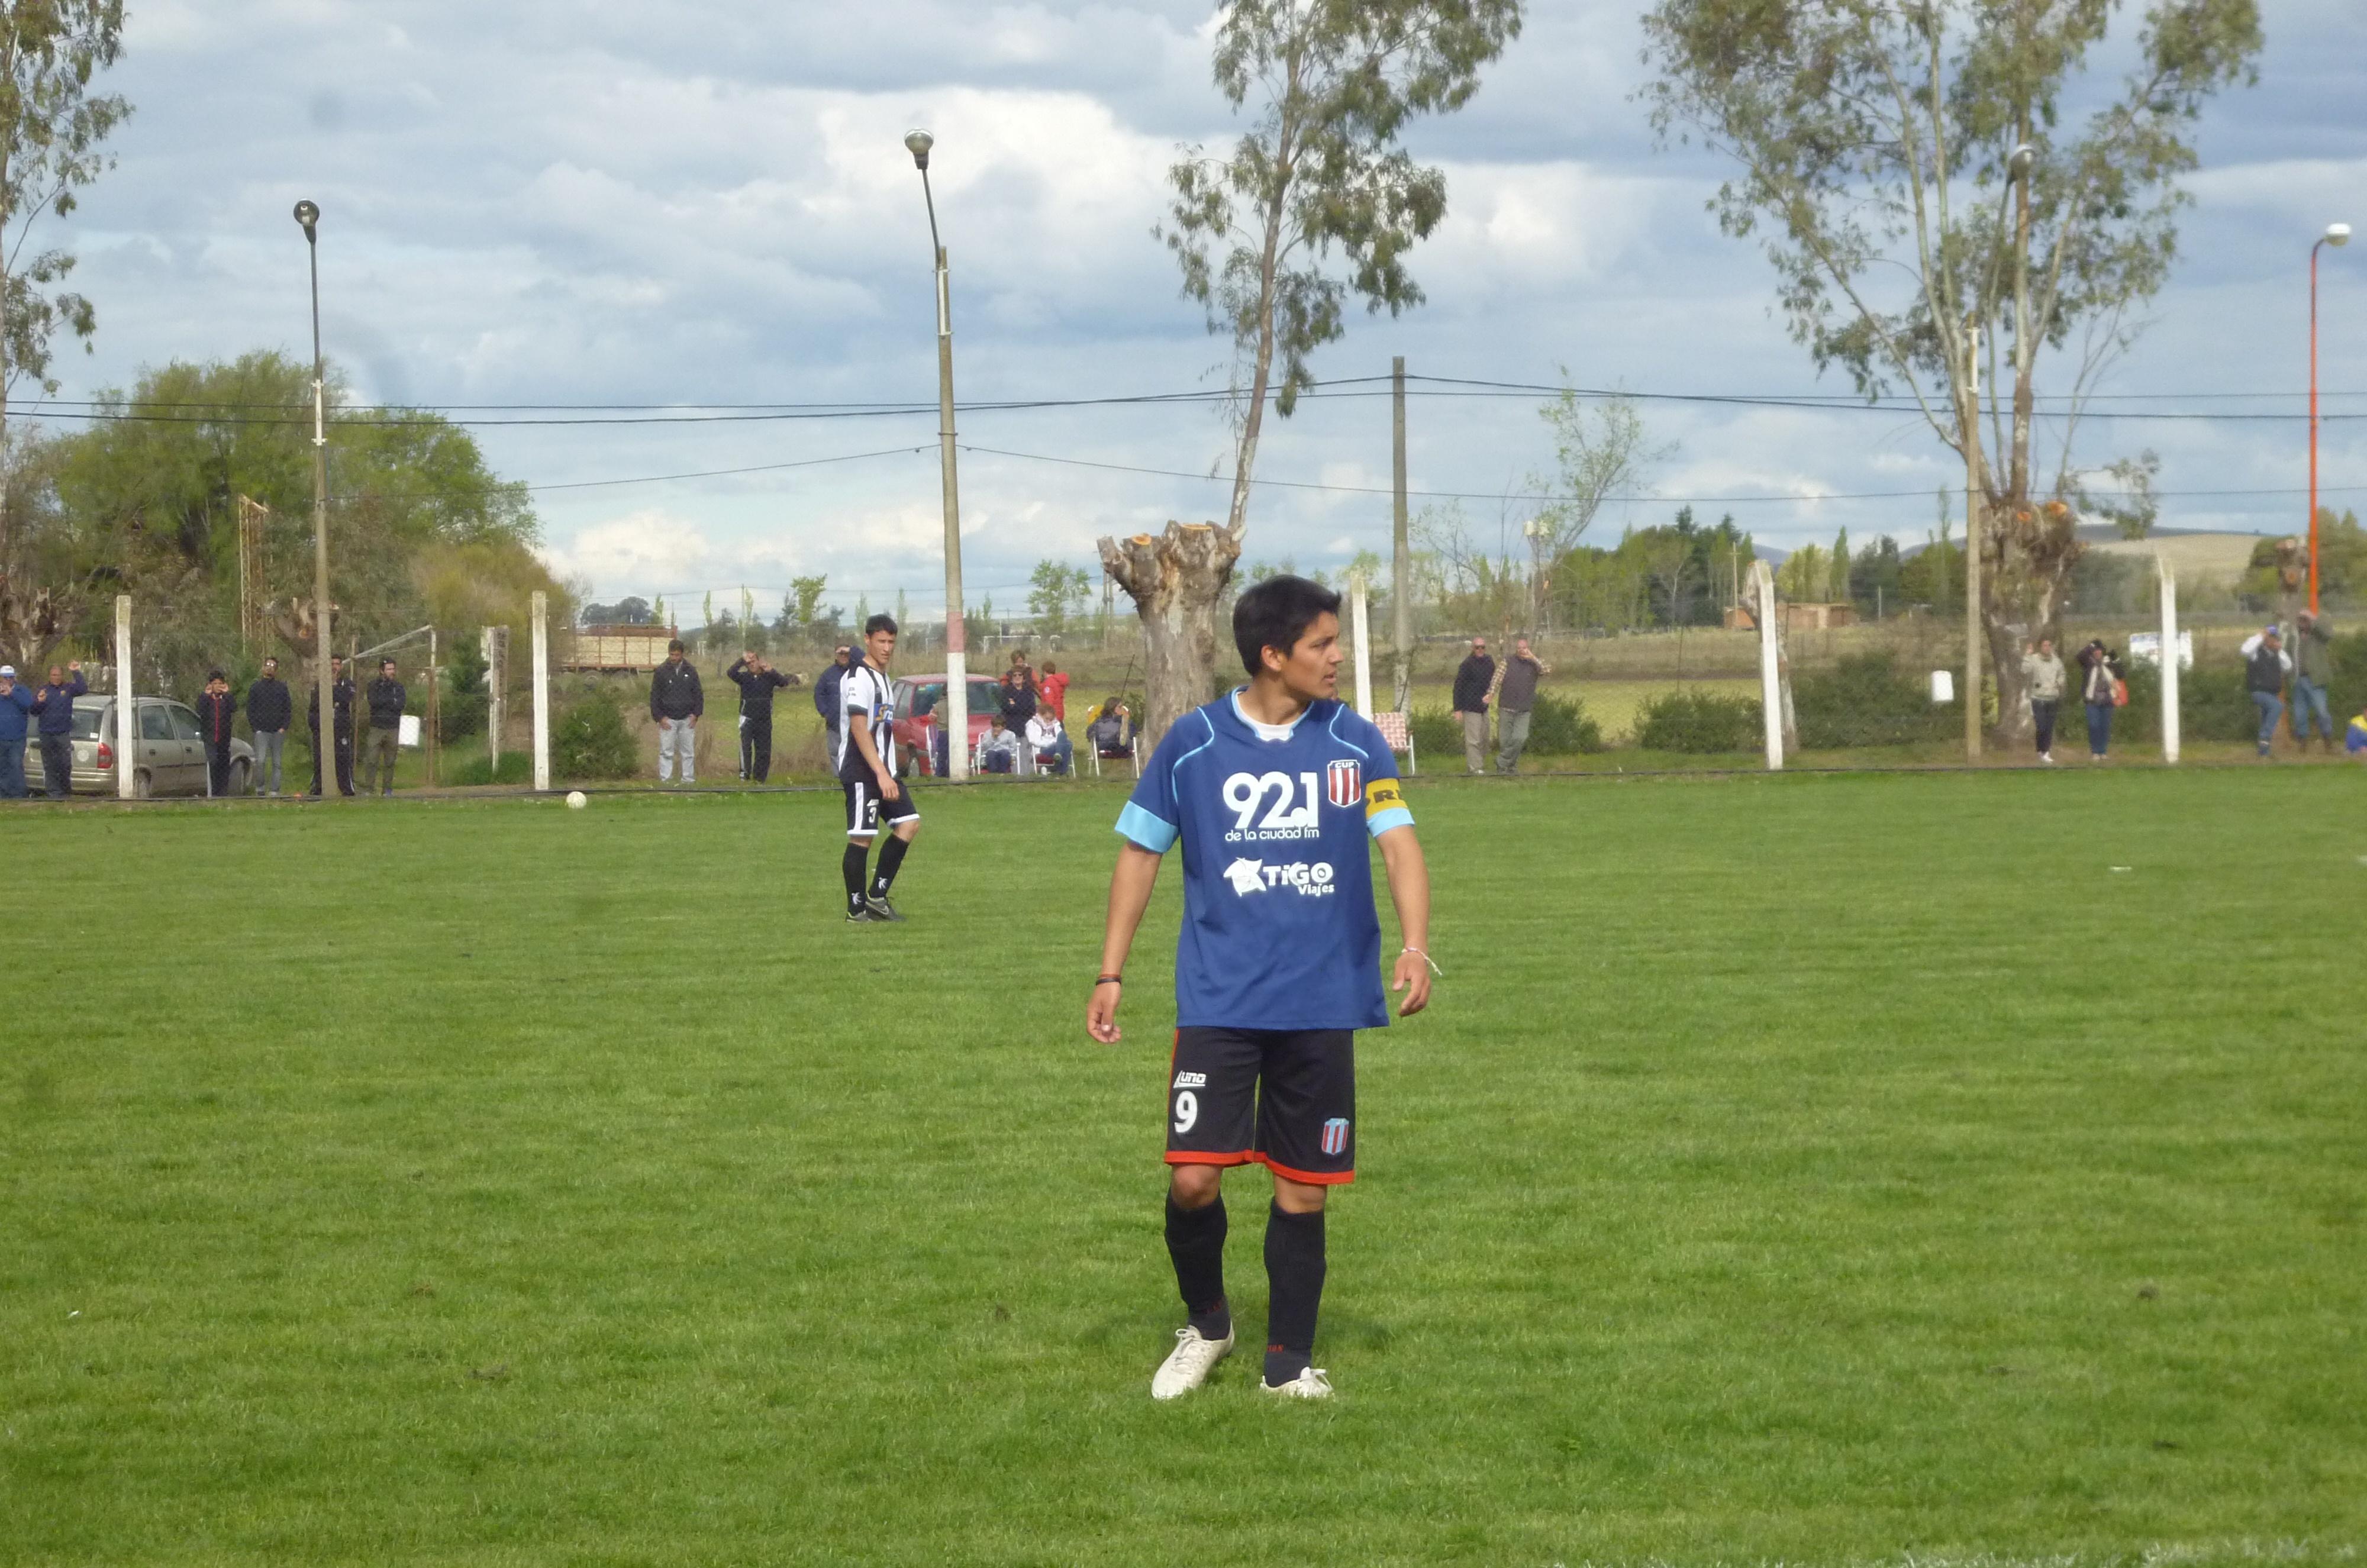 LRF - Sendas victorias de Sarmiento y Argentino como visitante. Unión empató como local.